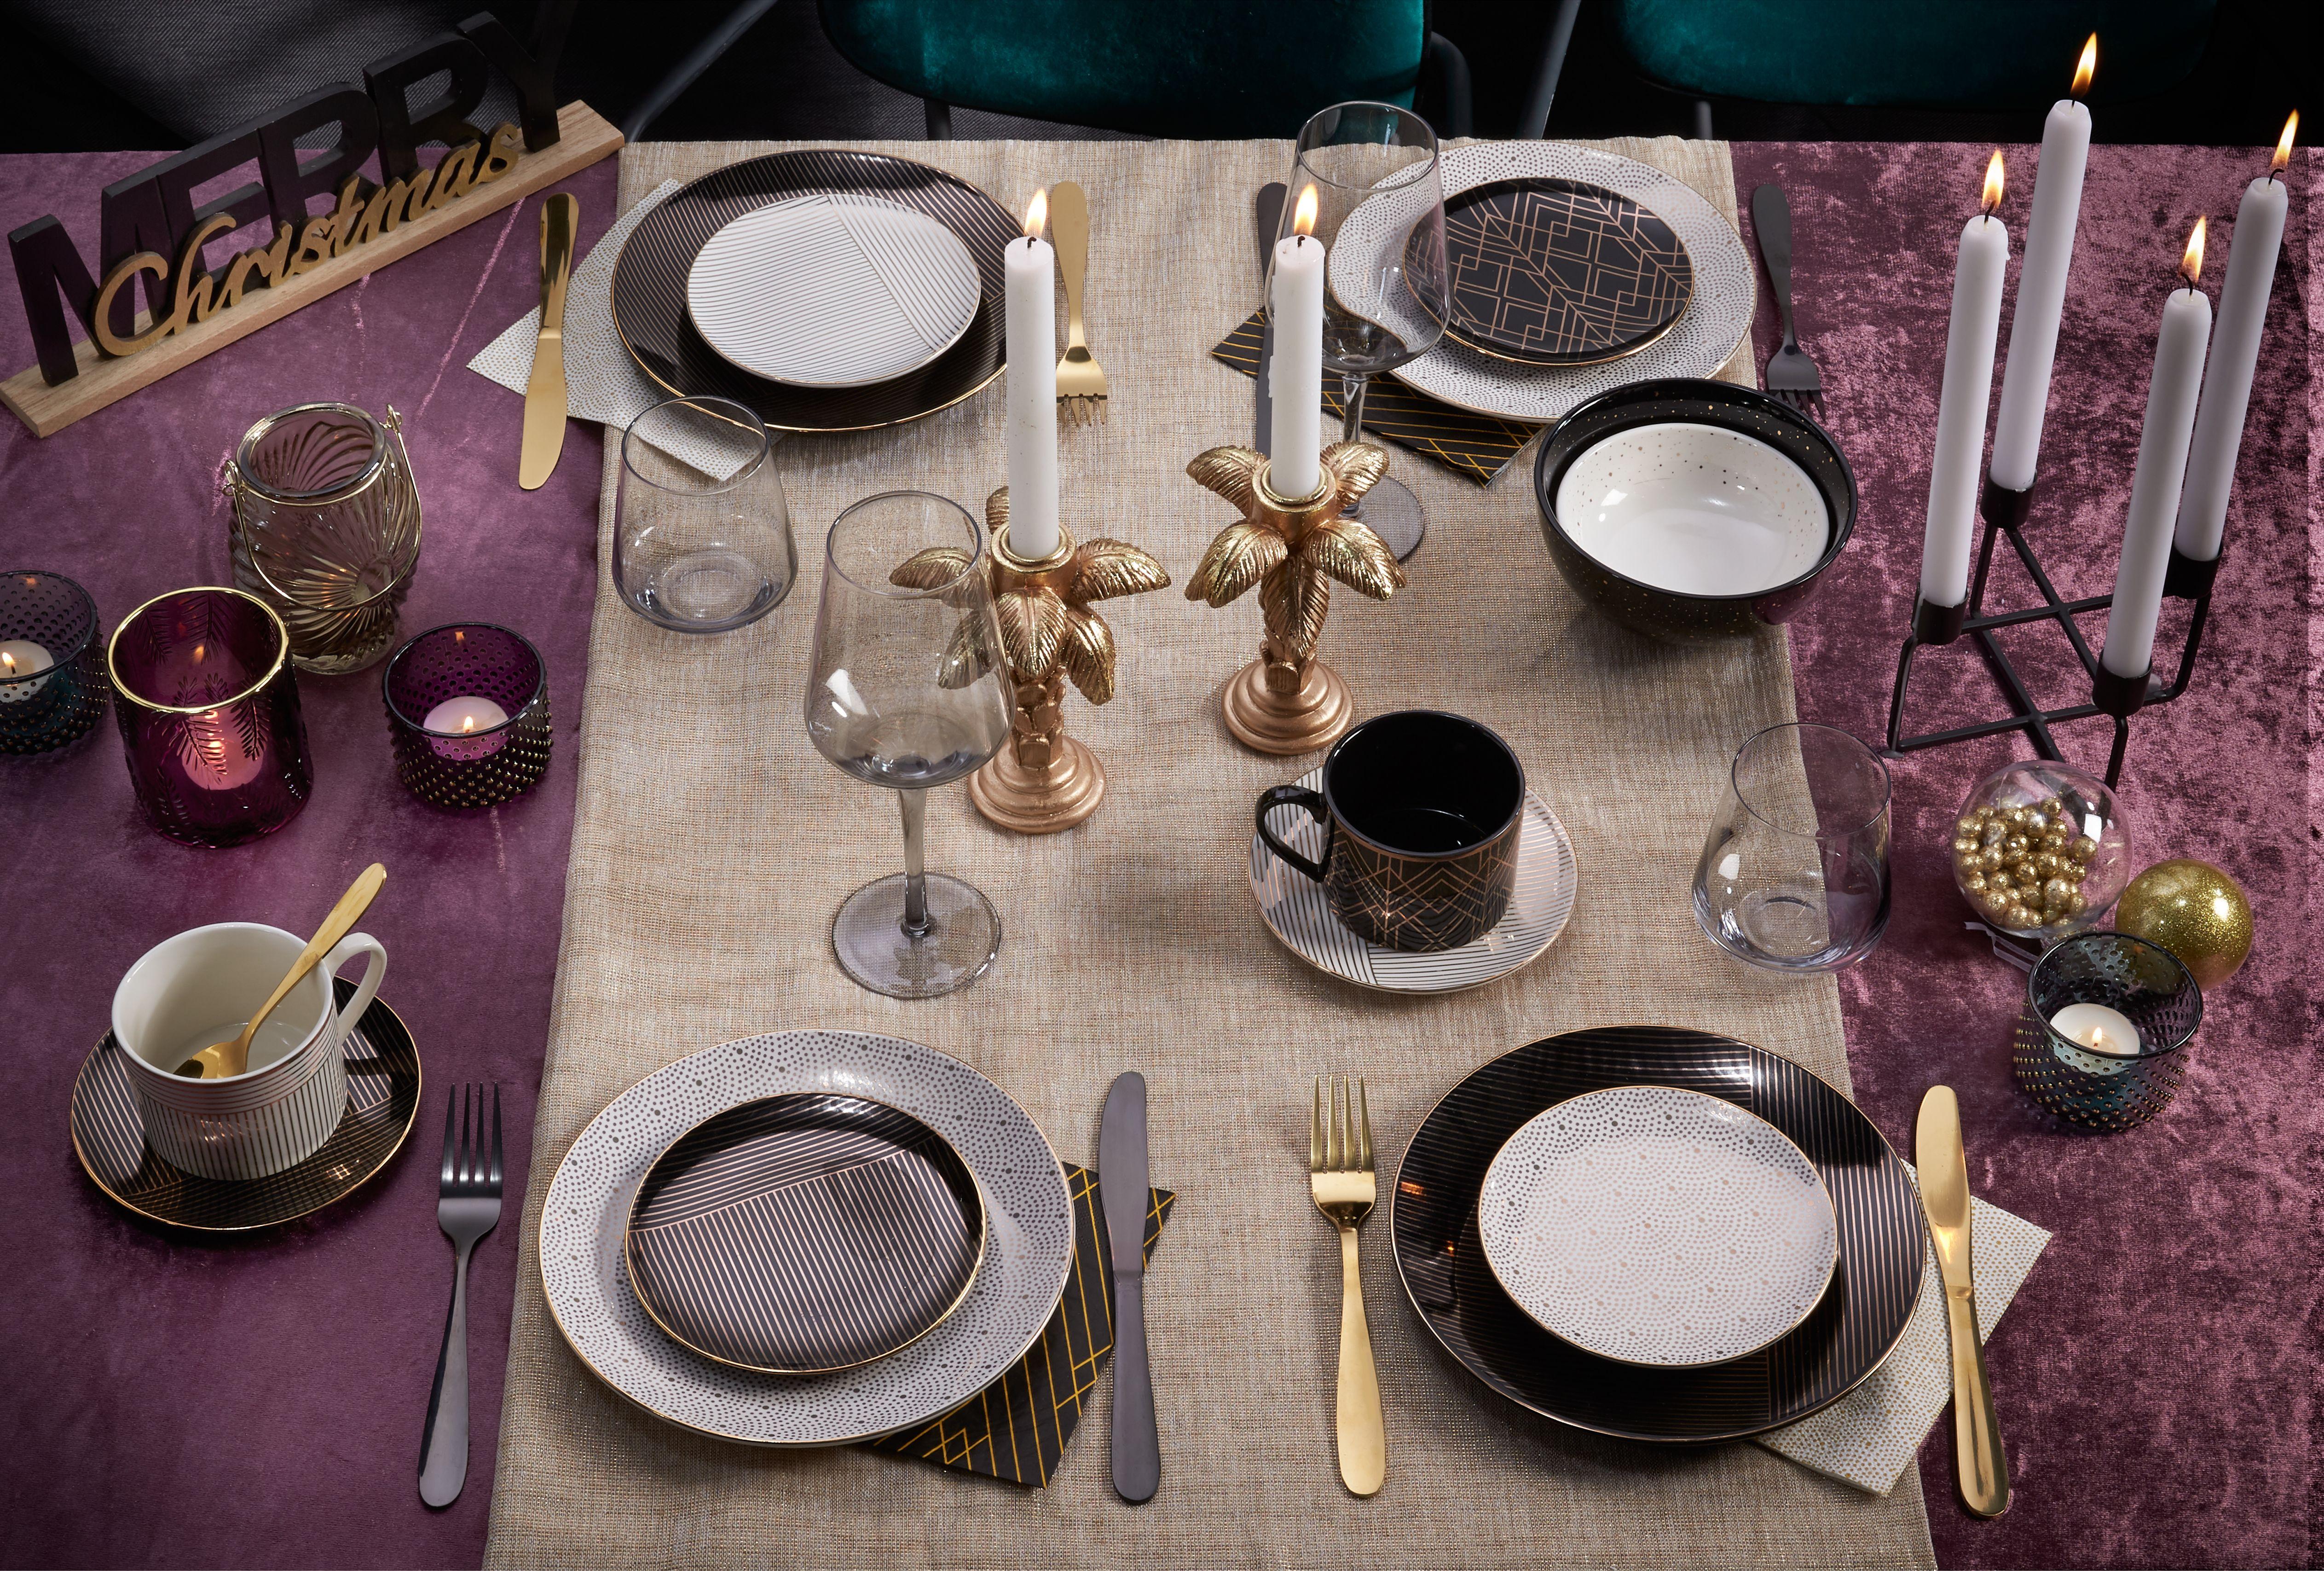 Feestdagen Kersttafel Aankleden : De feestdagen staan garant voor gezellige diners! een goed servies